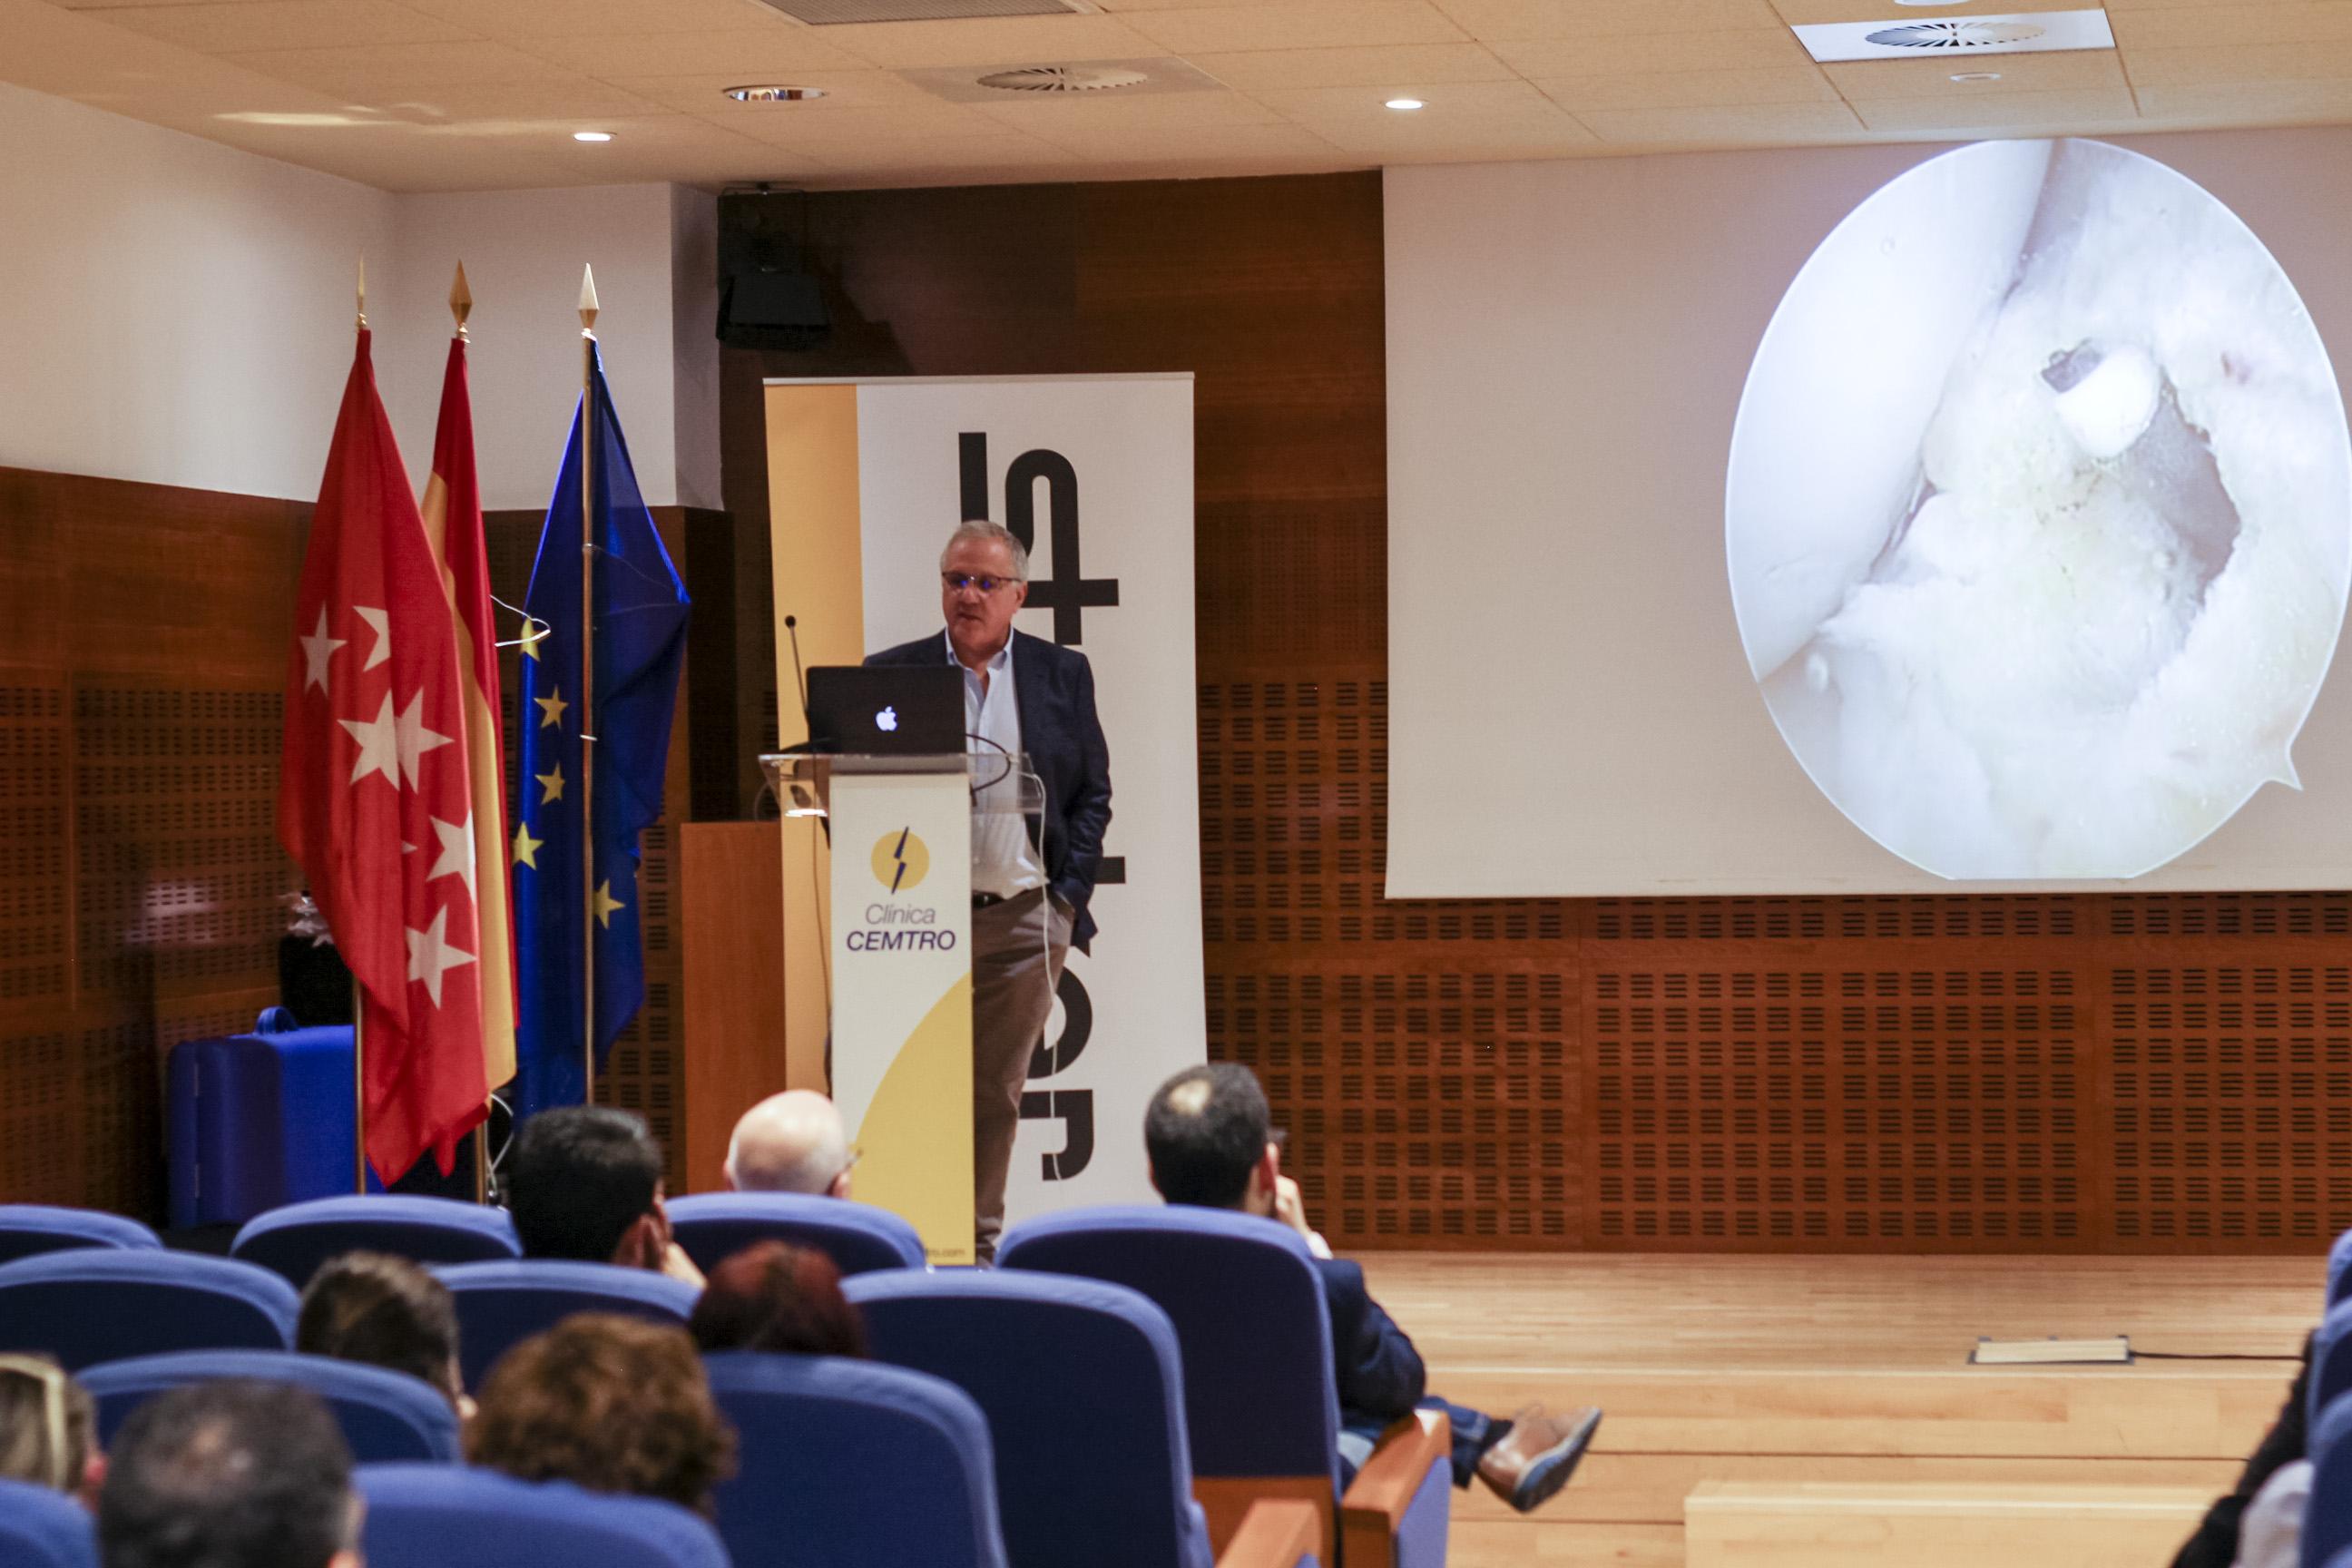 Curso de Artrocopia celebrado en Clinica CEMTRO